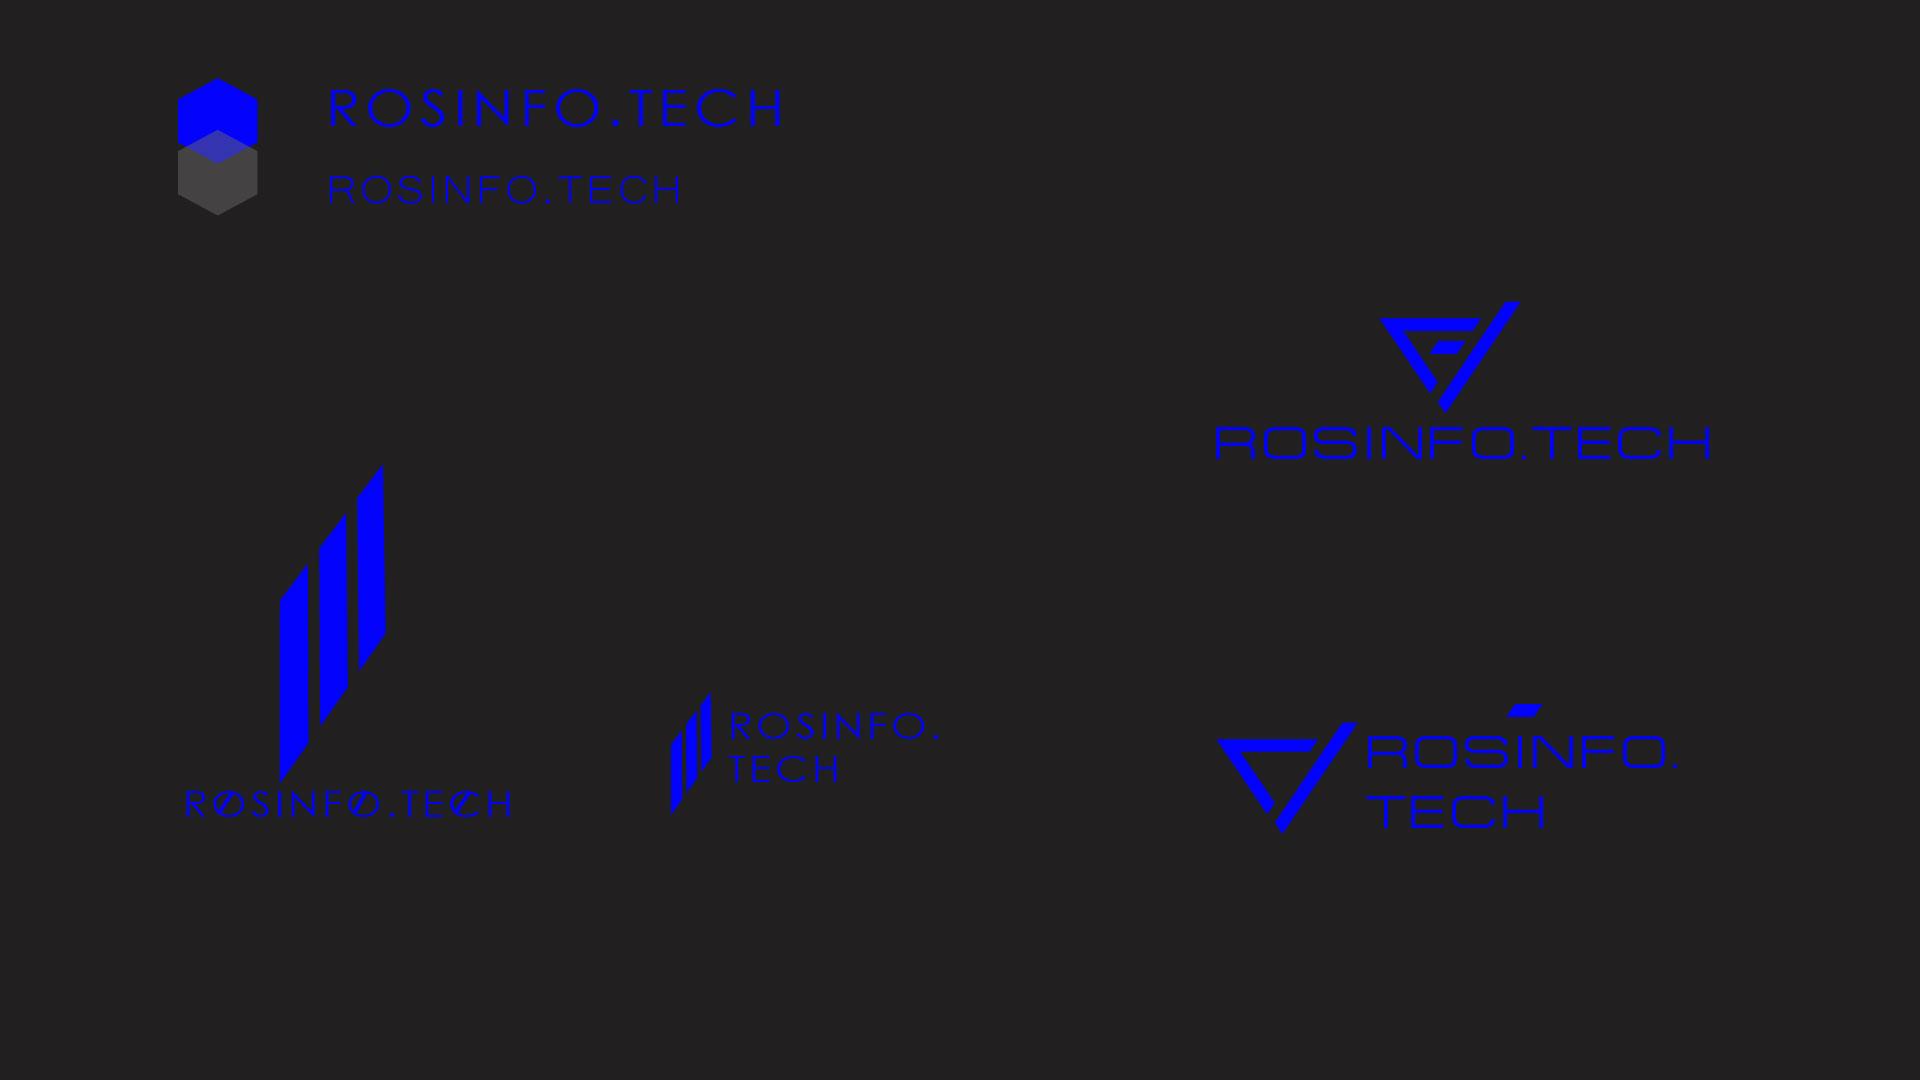 Разработка пакета айдентики rosinfo.tech фото f_8315e1f0f466cc8b.jpg